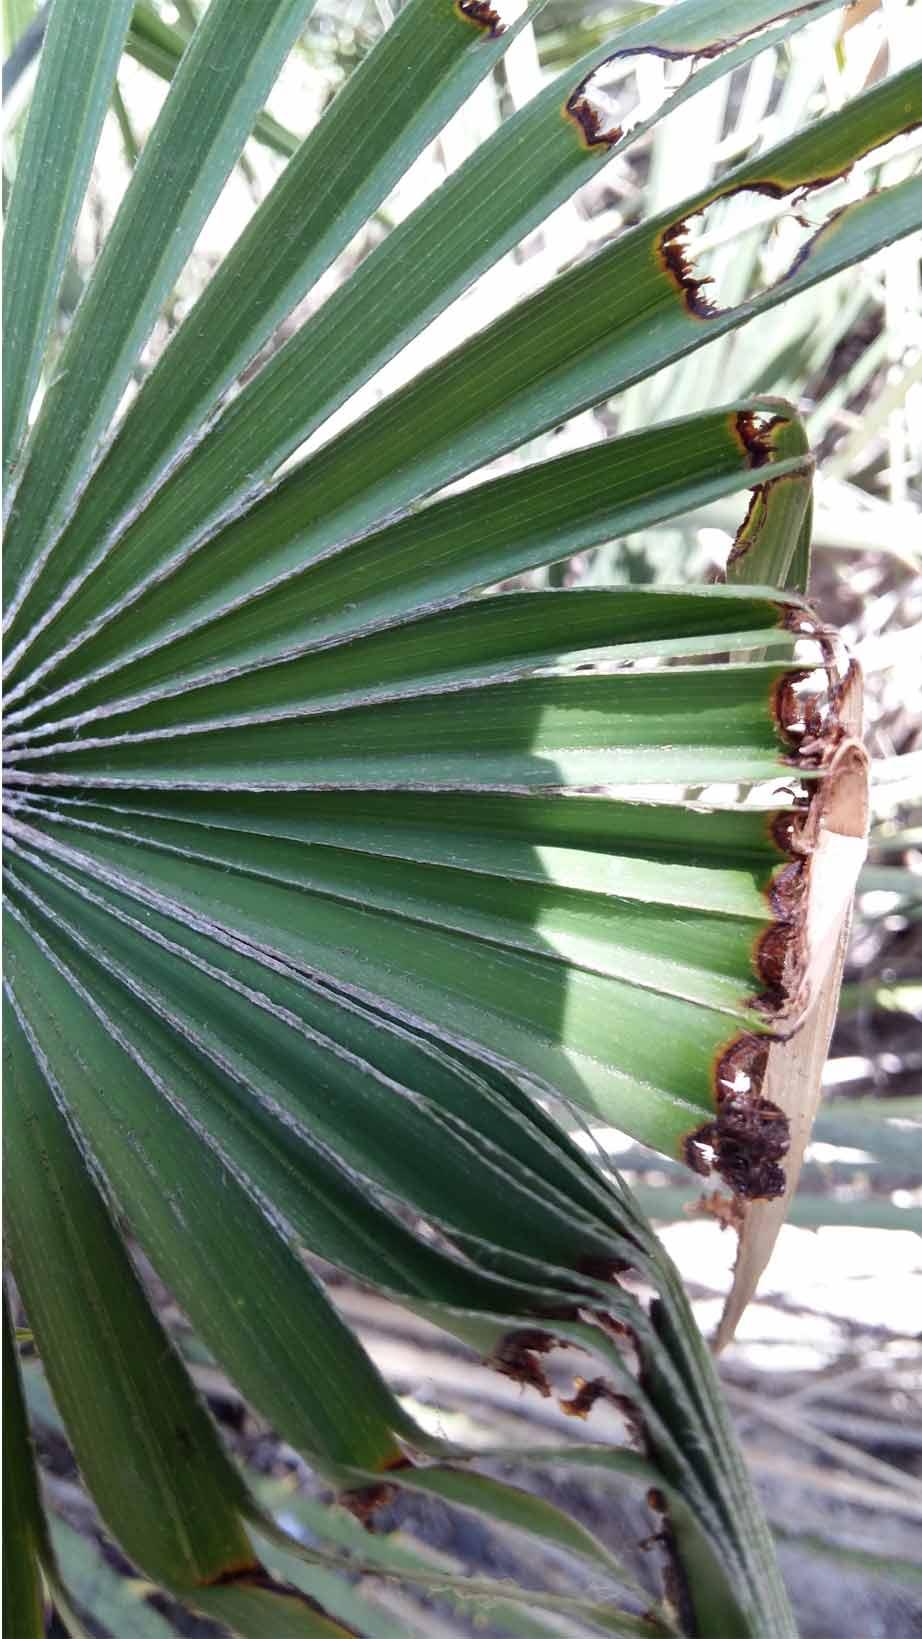 Symptômes-palmier-trachicarpus-attaque-du-coeur-du-palmier-3